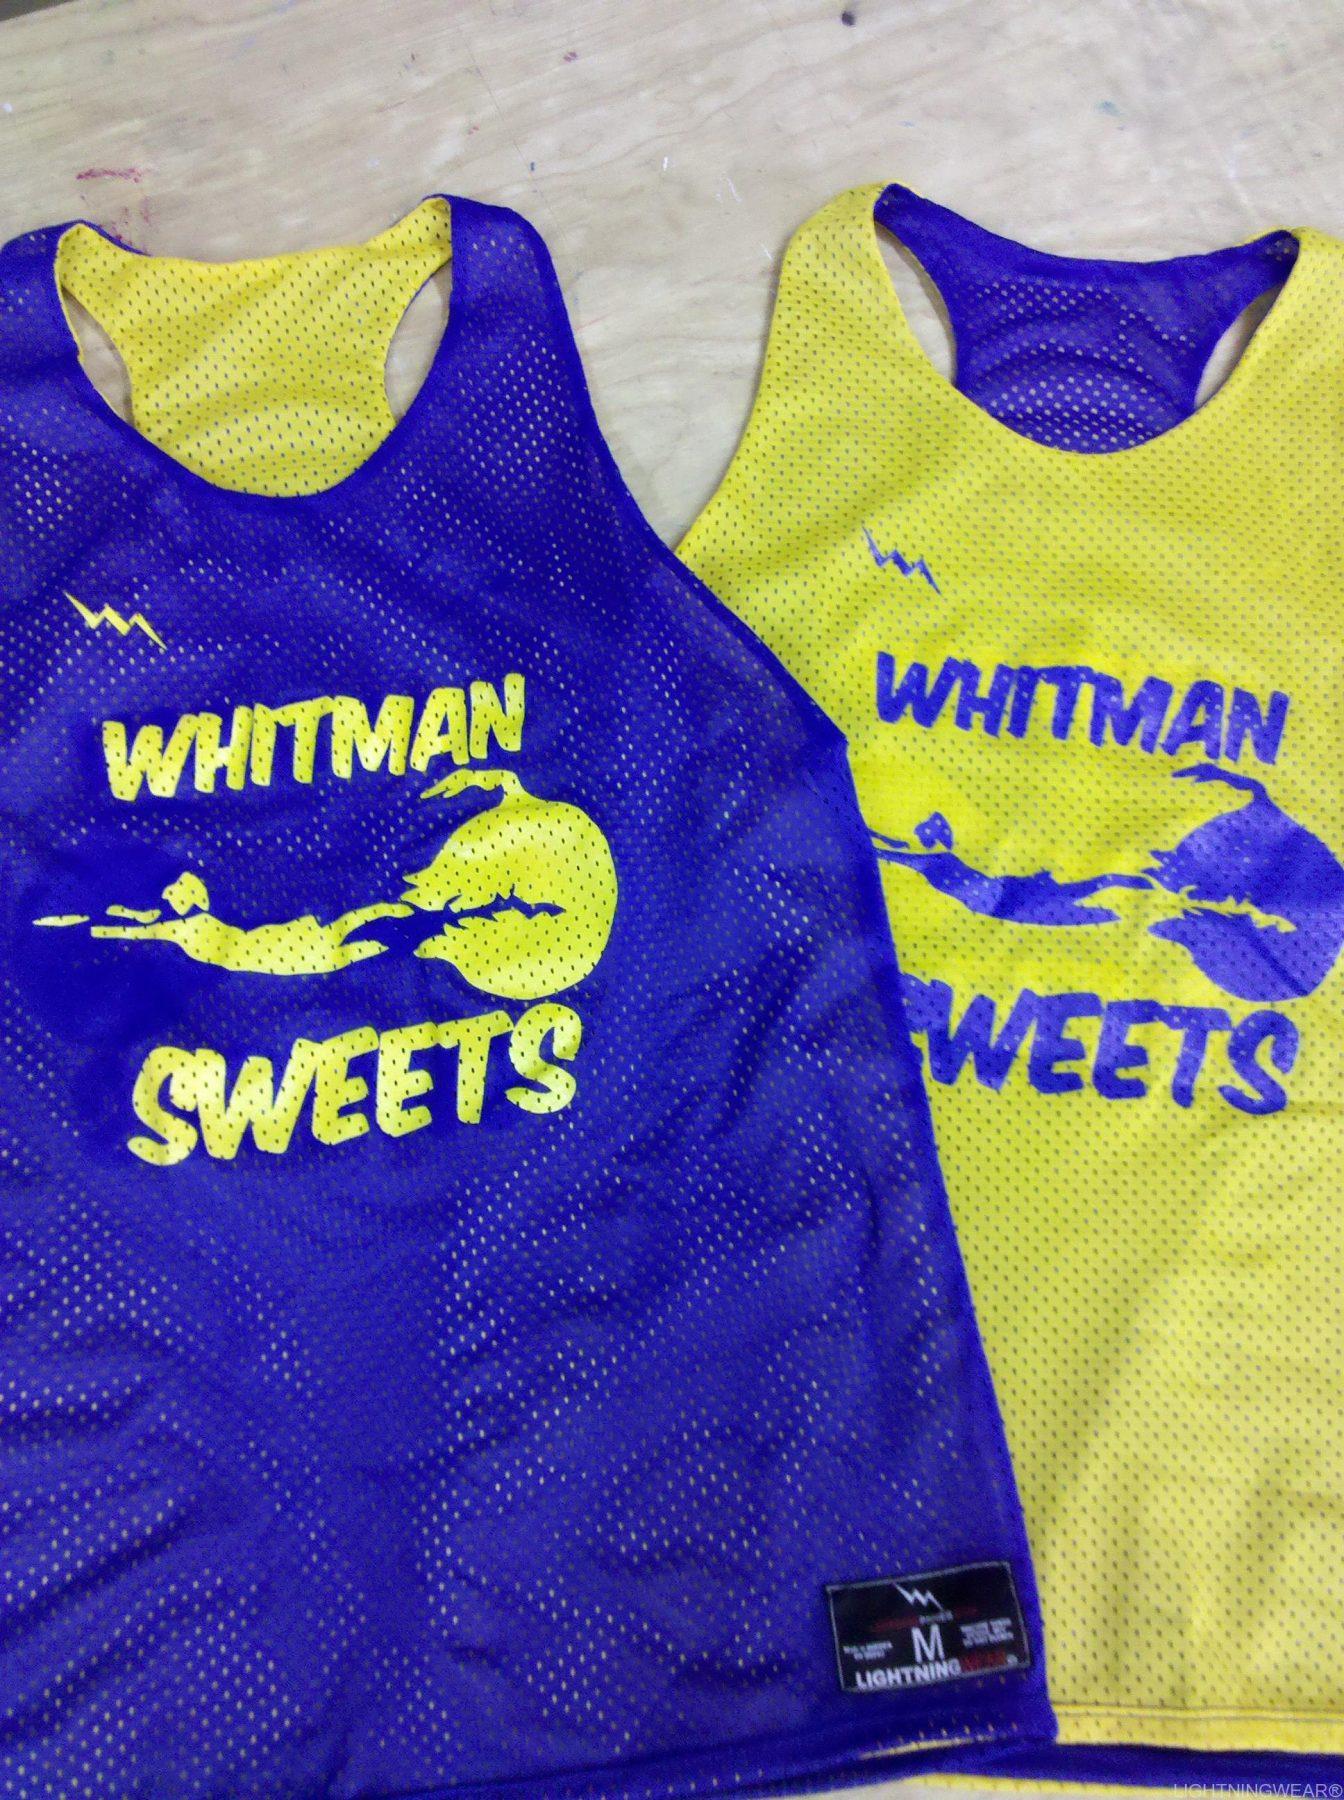 whitman sweets pinnies - racerback pinnies